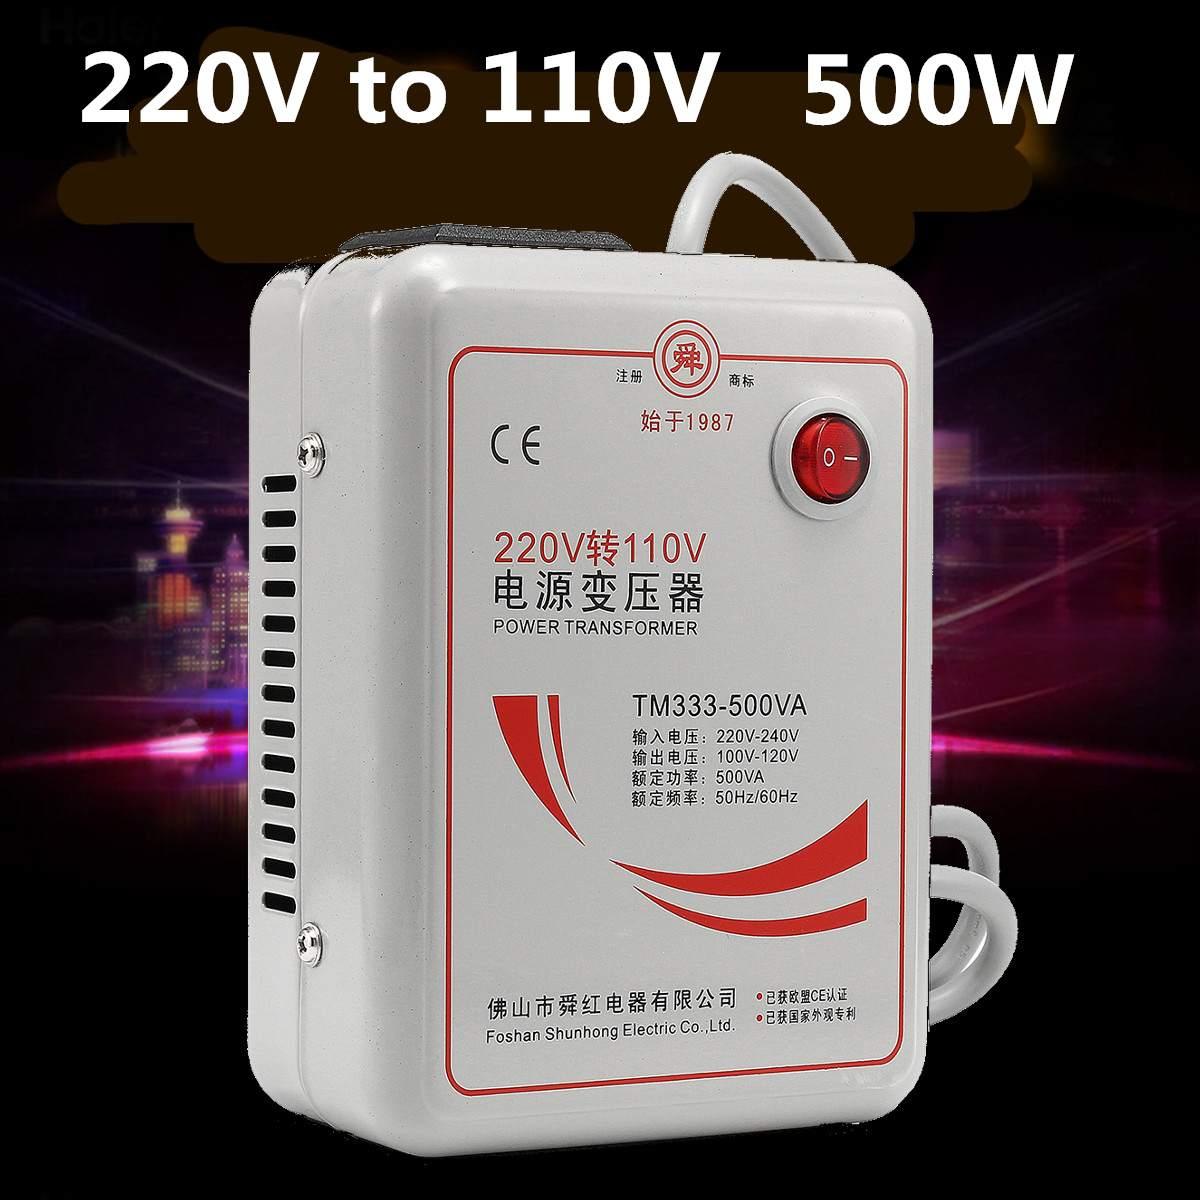 Inverter Charger AC 220v to 110v Voltage Transformer Step Down Converter Voltage Converter 500 Watts Adapter